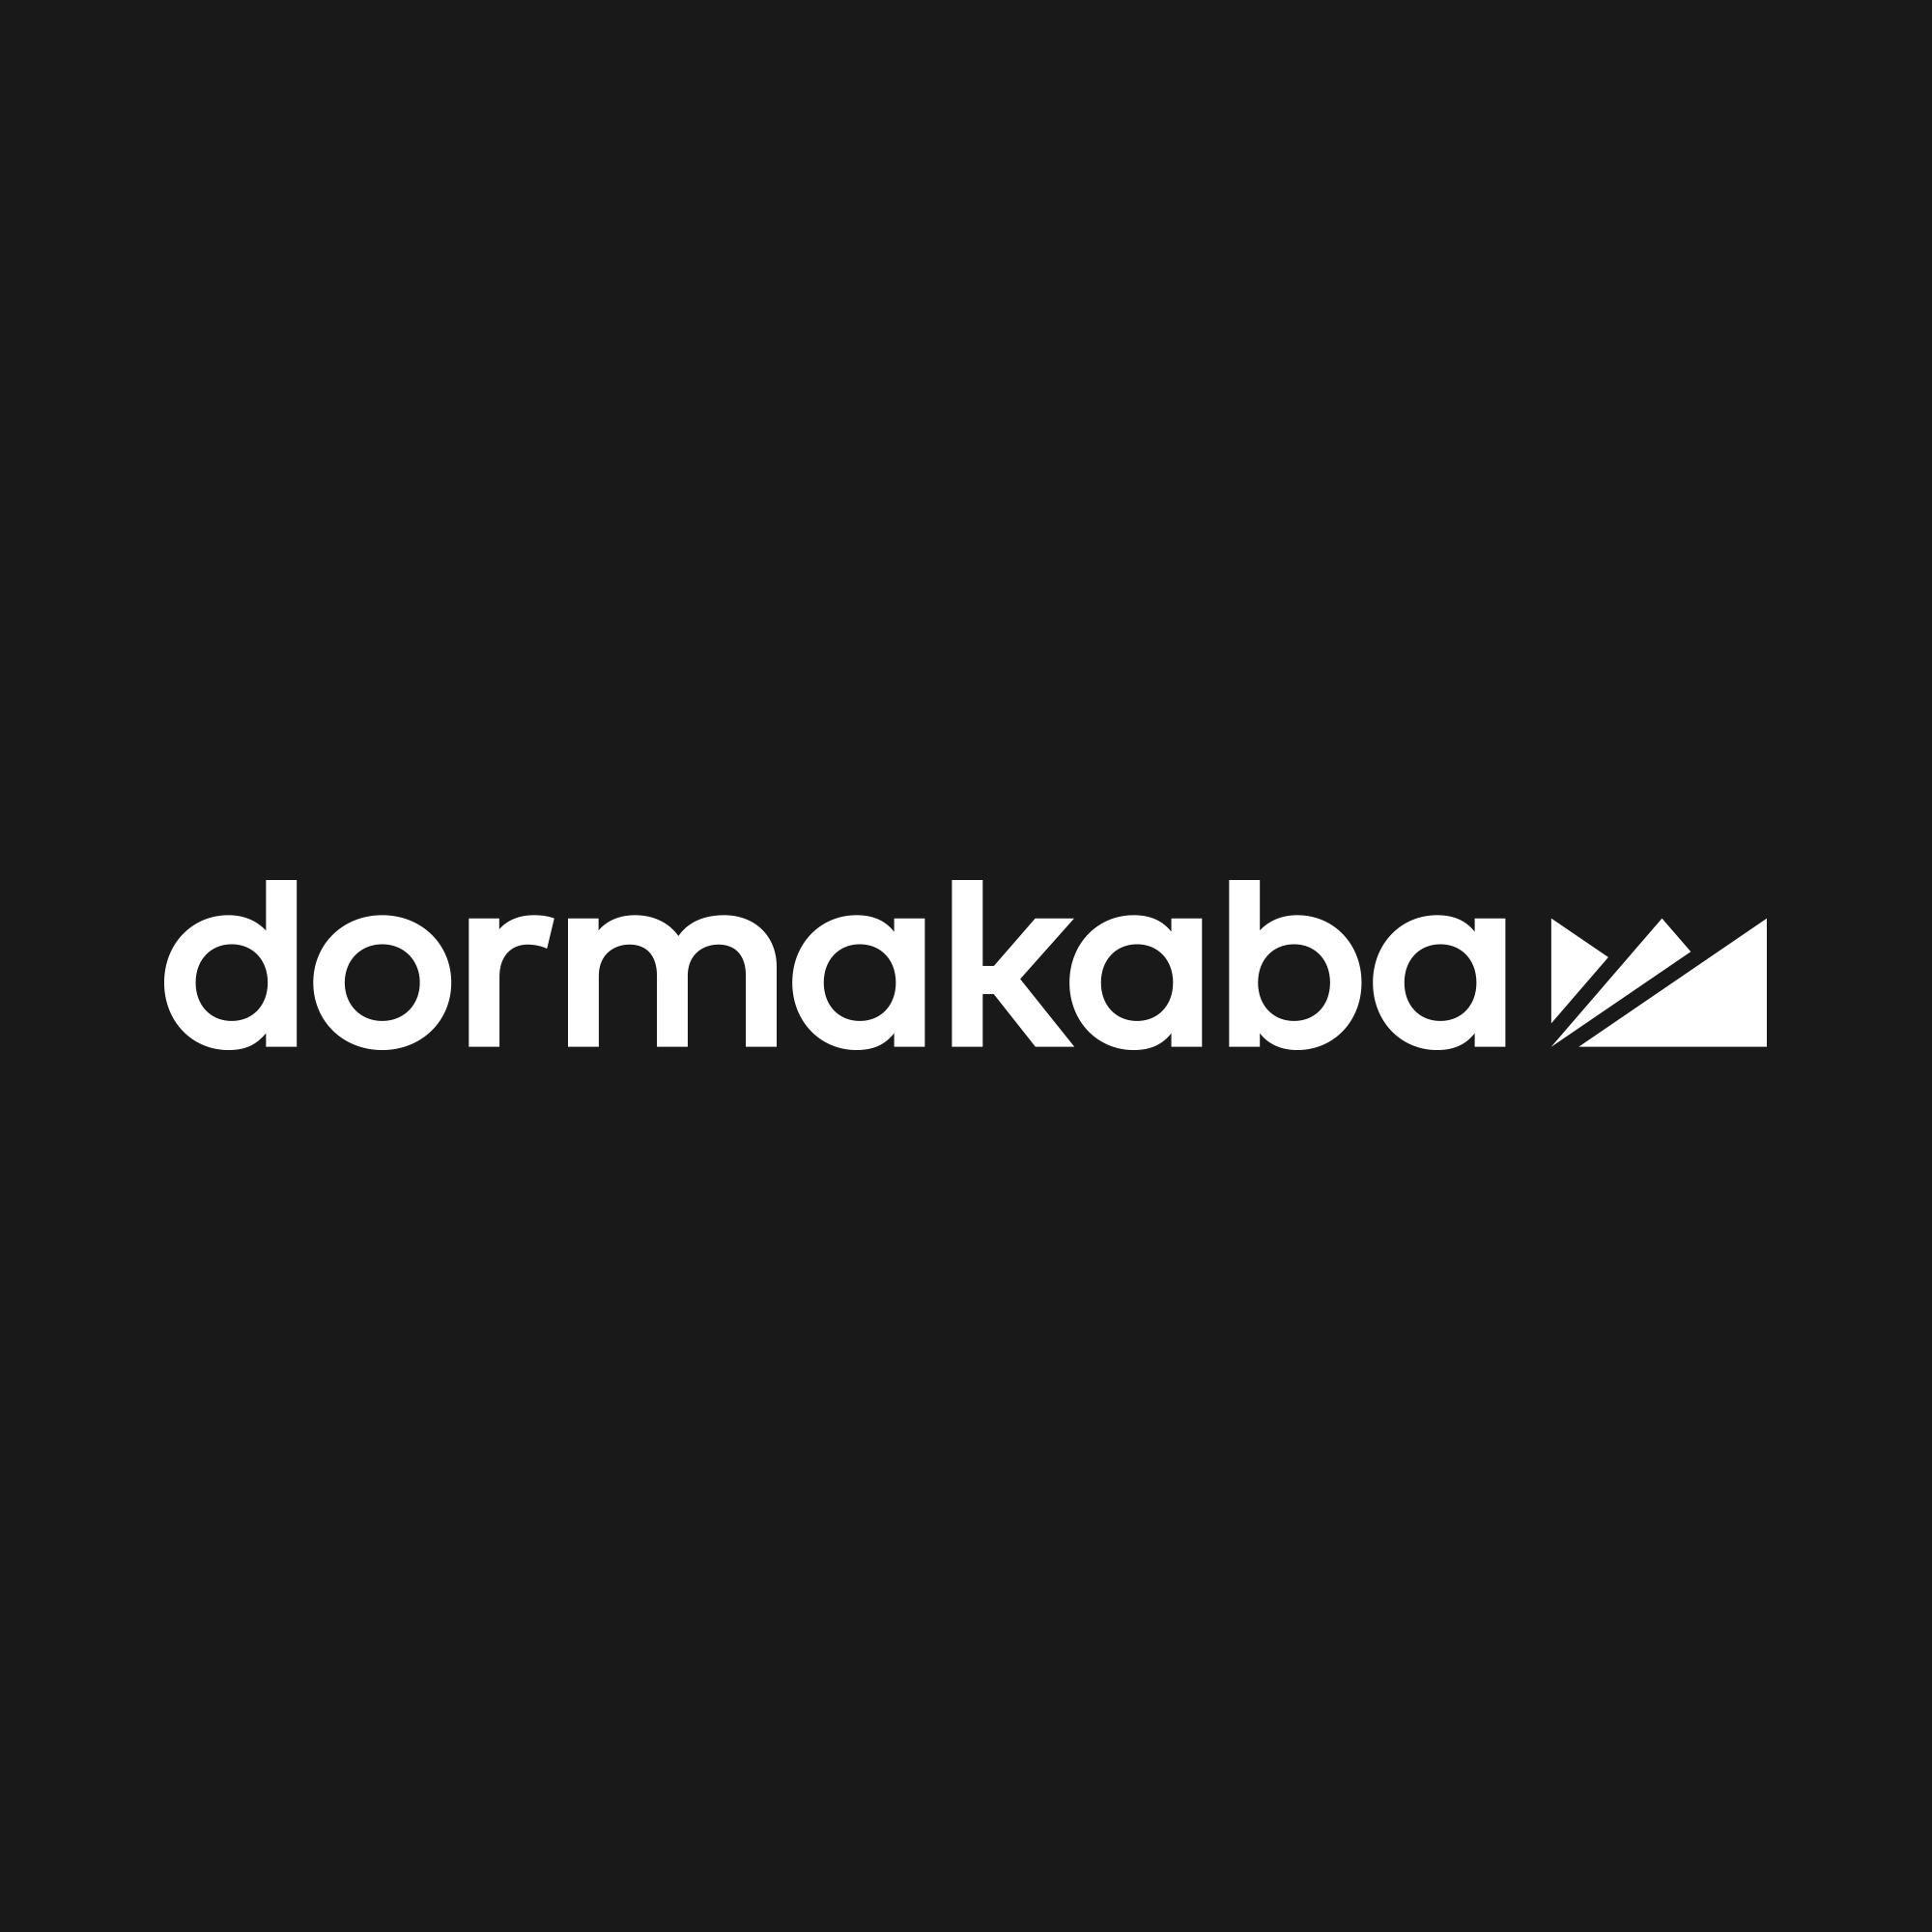 h&p_Dormakaba